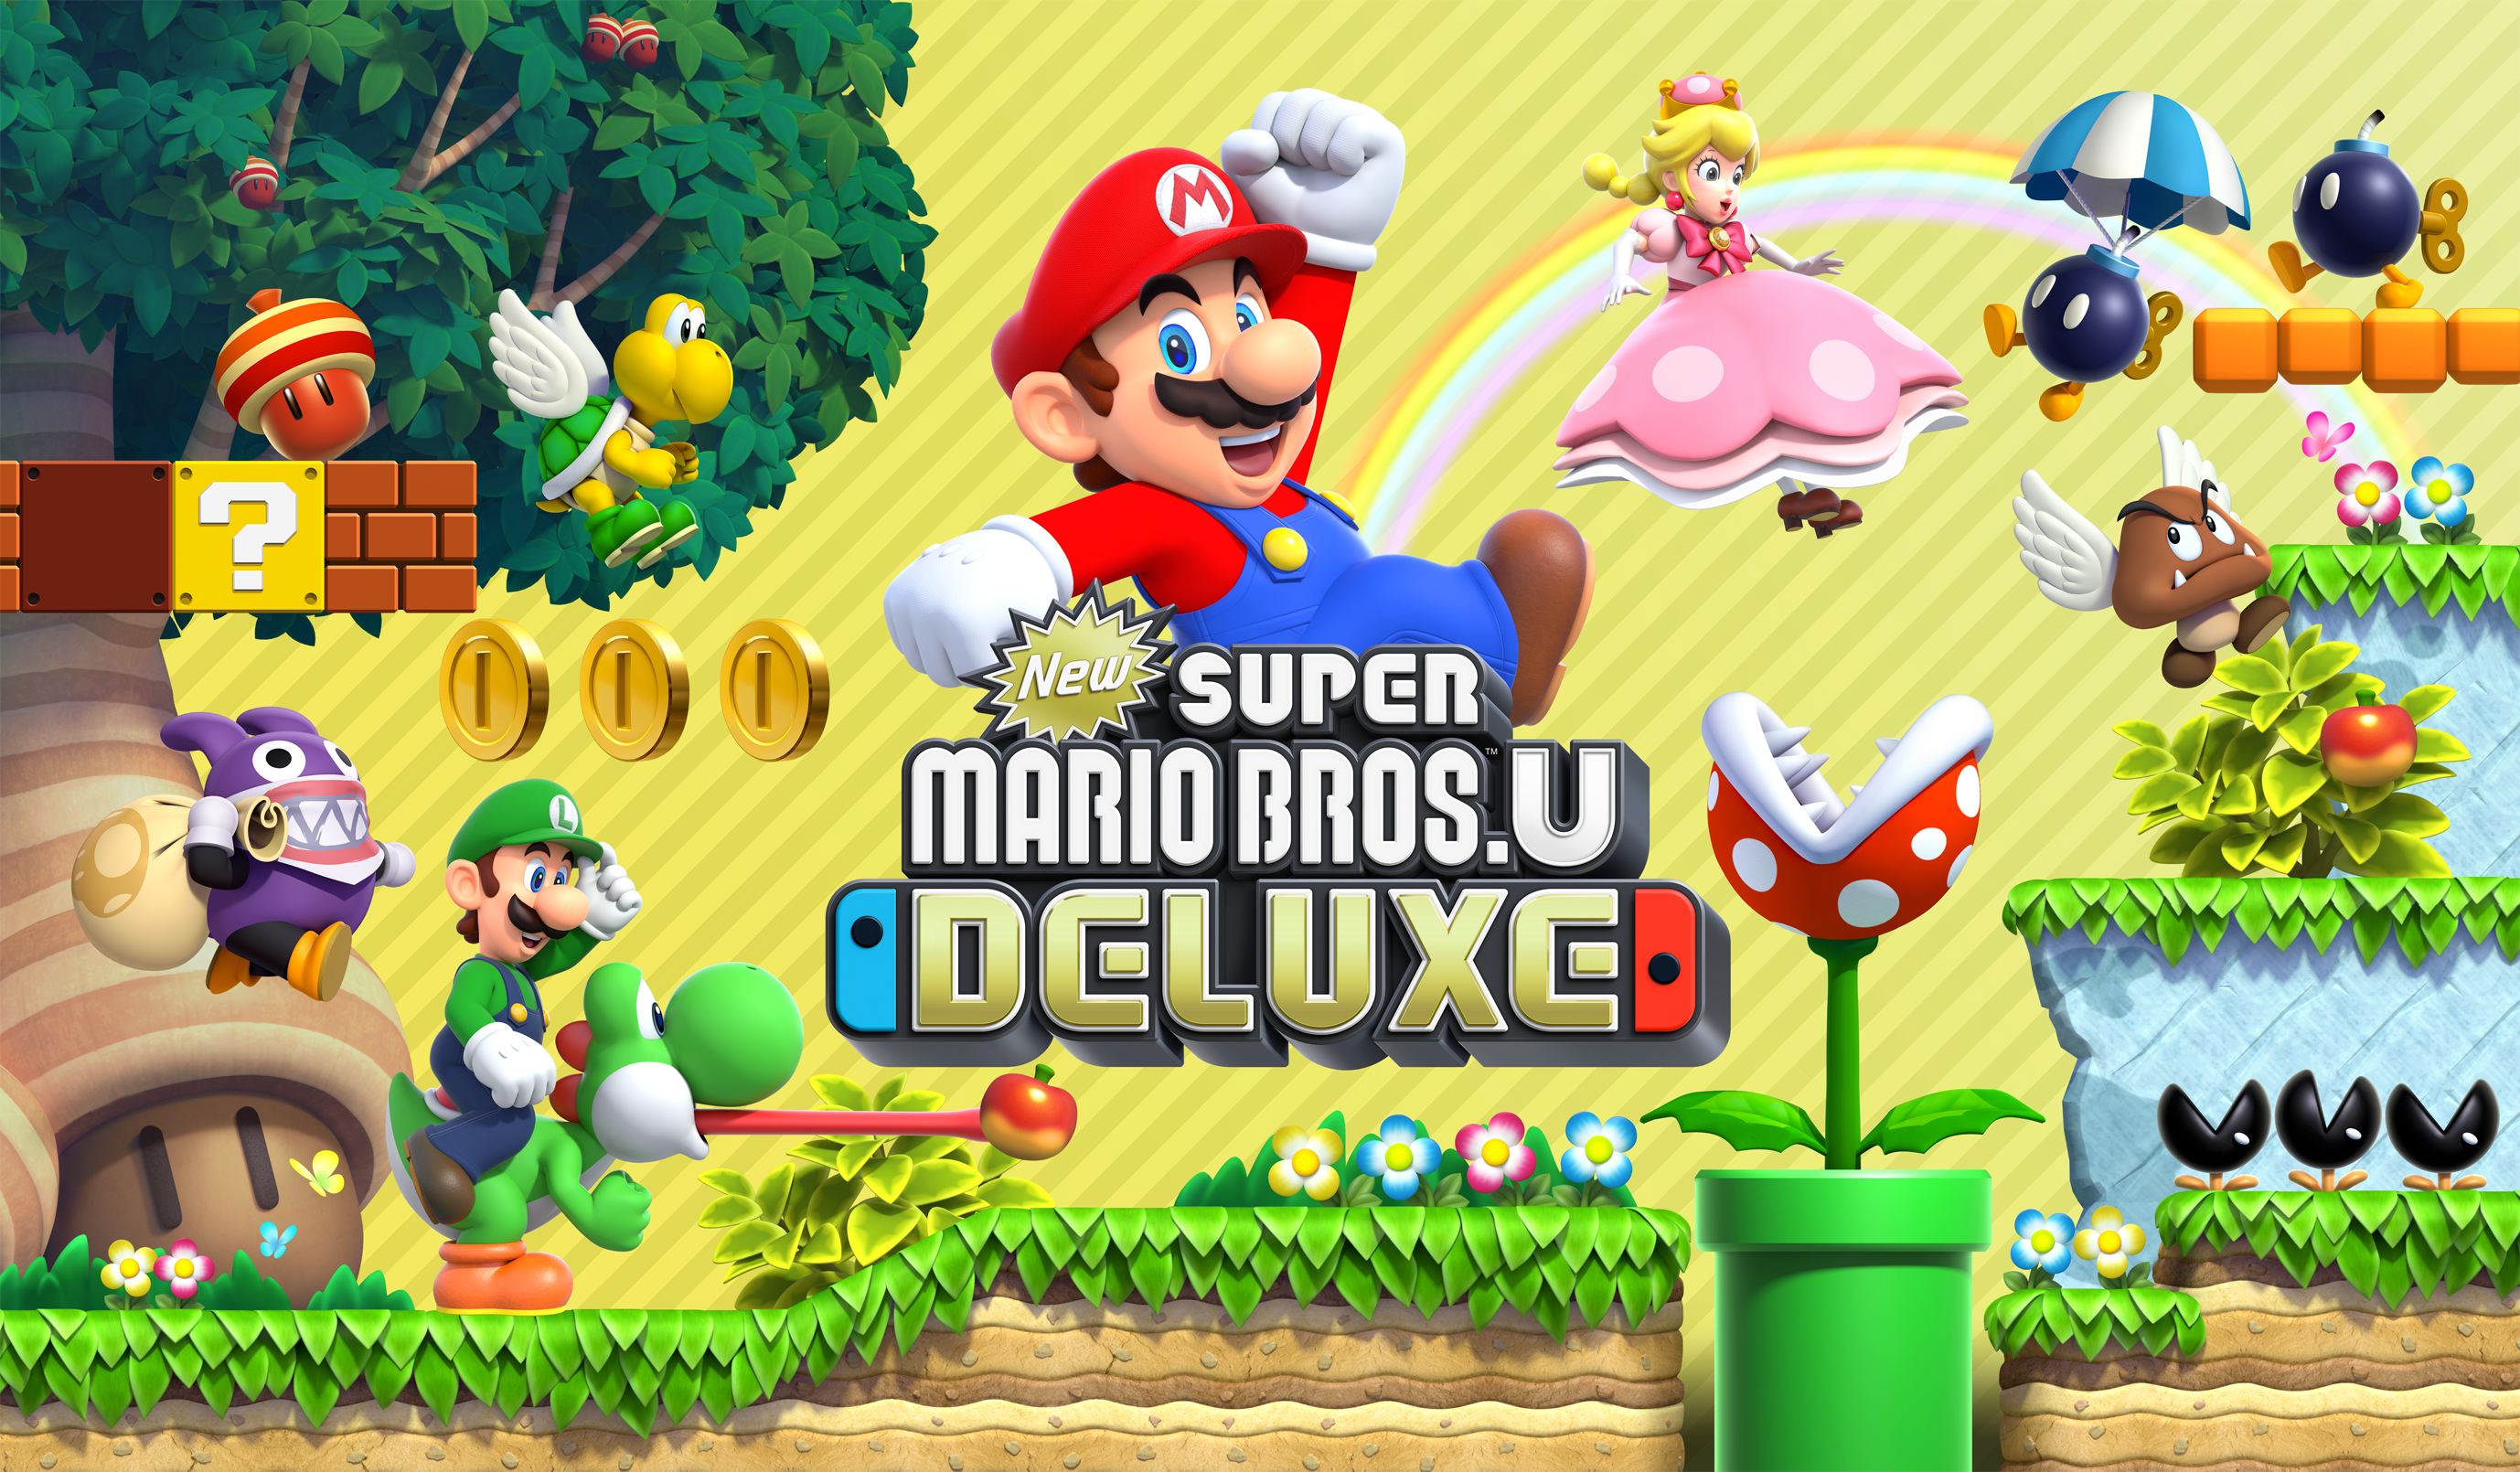 Goomba Luigi Piranha Plant Peachette Mario Nabbit Super